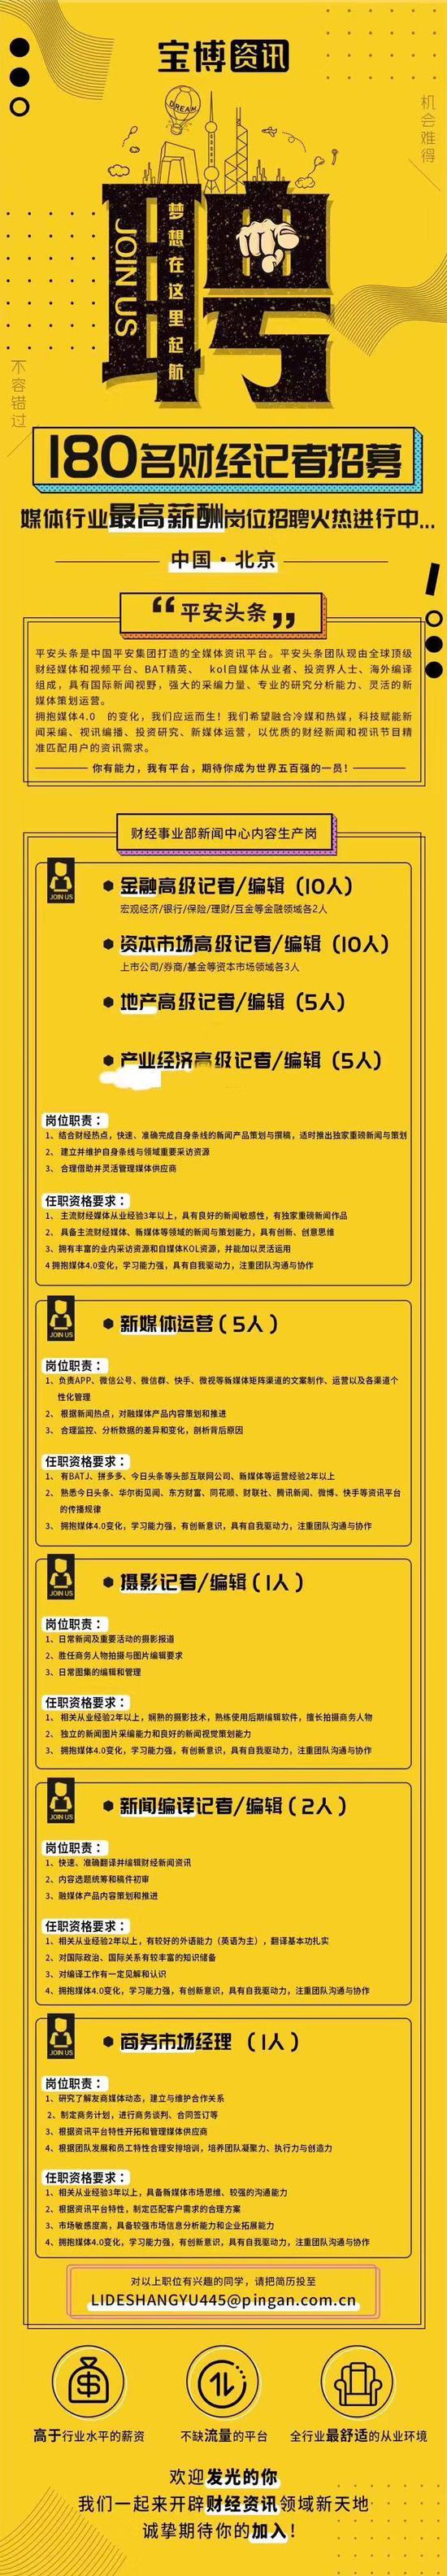 五一娱乐场首页 - 23岁韩国新星踢疯了!爆射破门+11场独造16球,万人疯狂膜拜